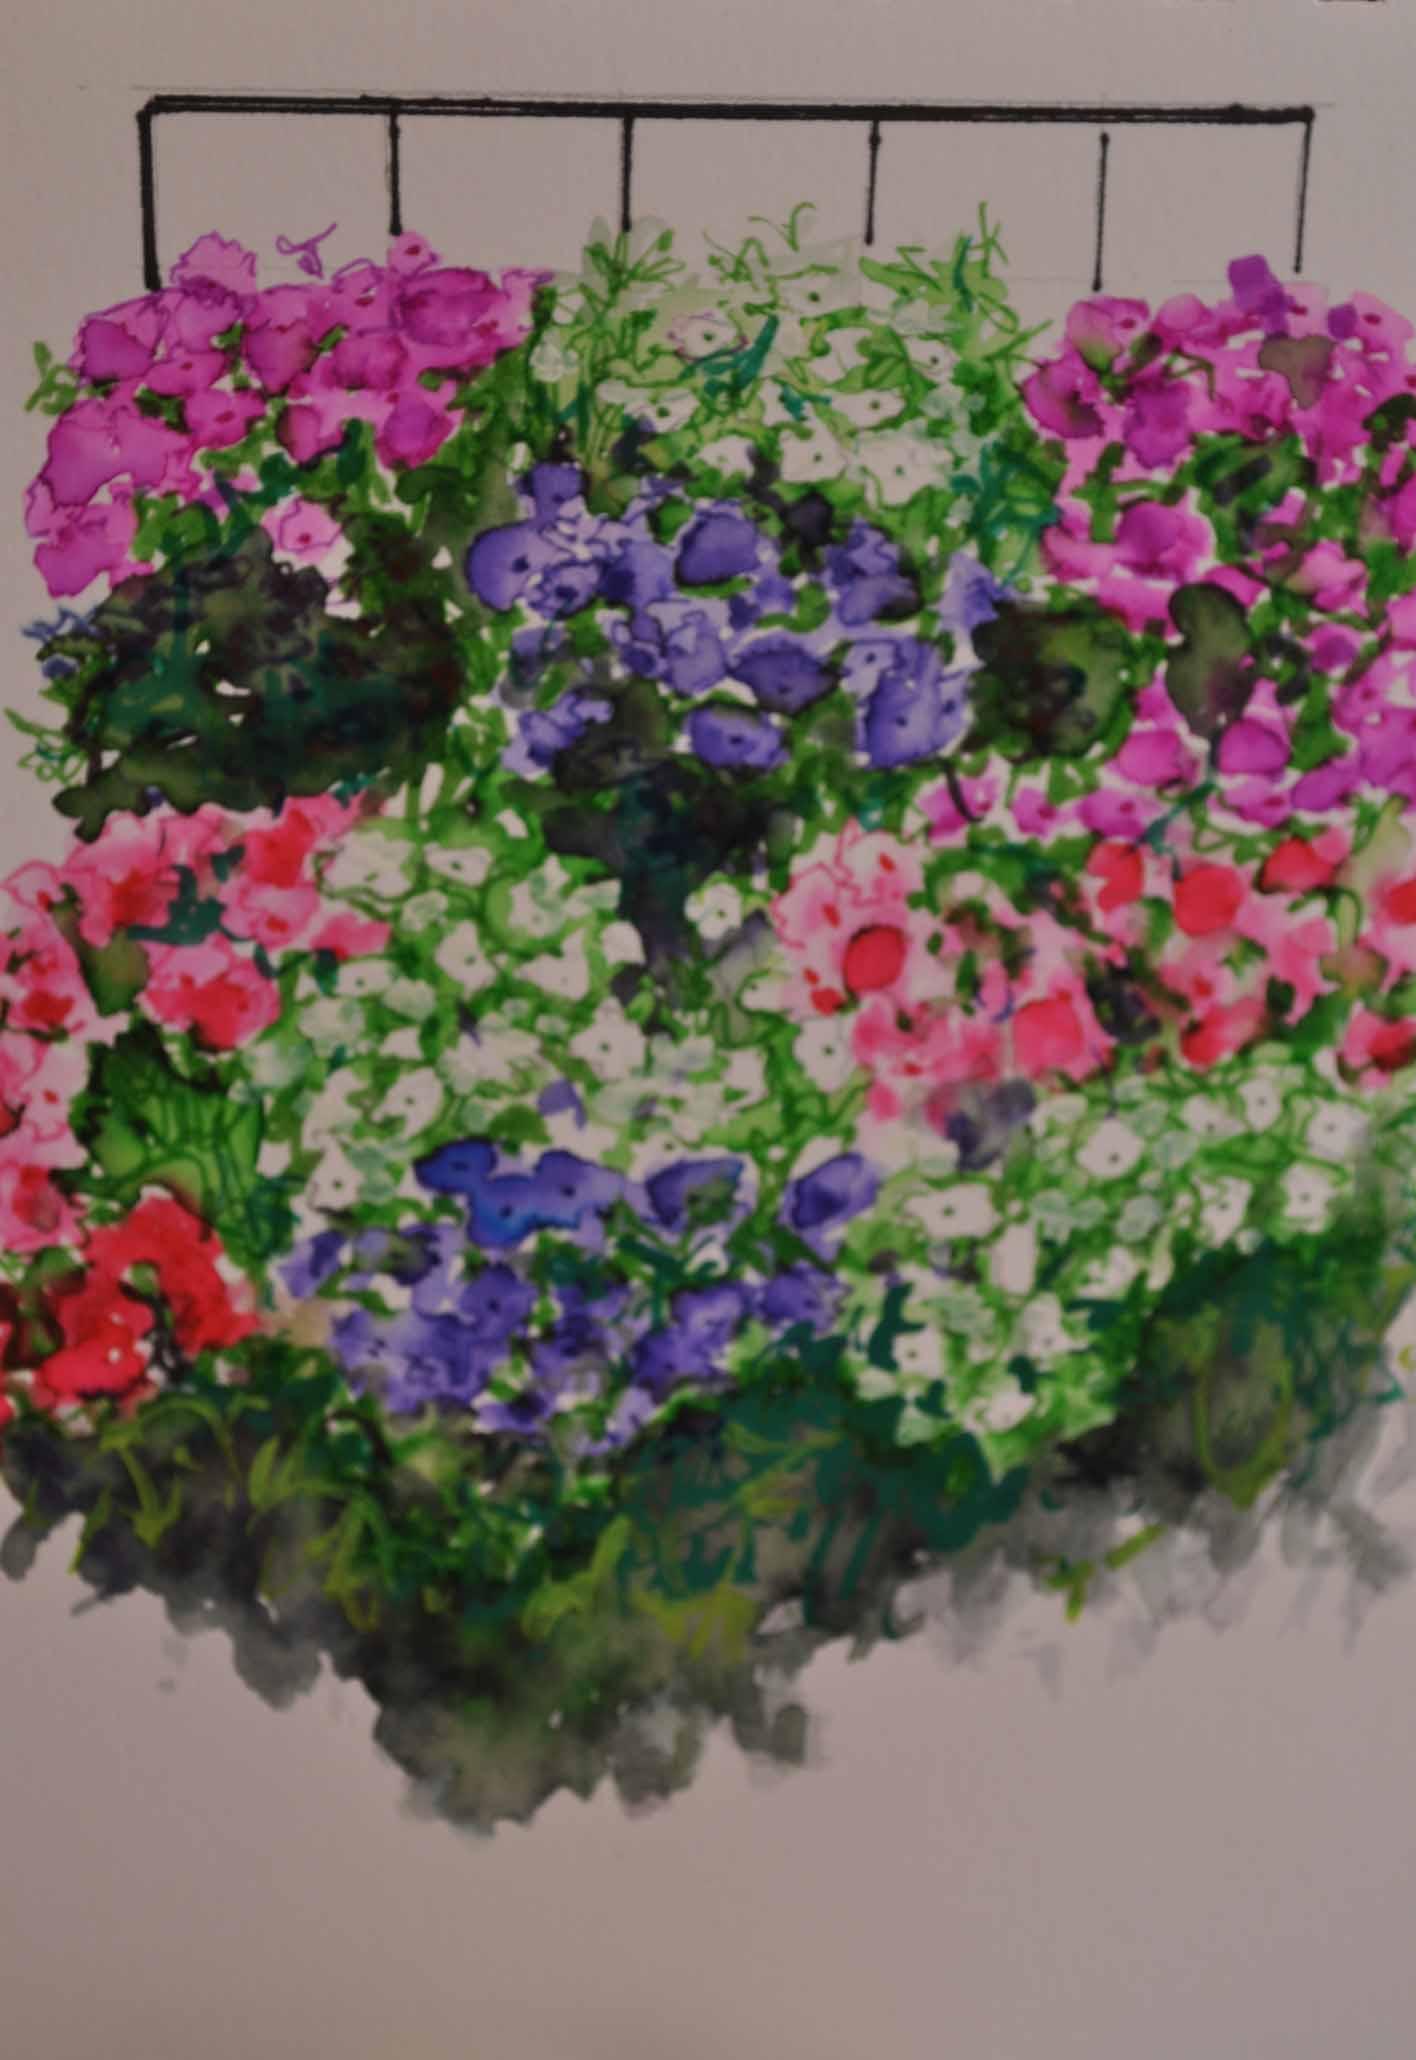 De azoteas terrazas y balcones disfrutando entre flores for Arboles para balcones y terrazas